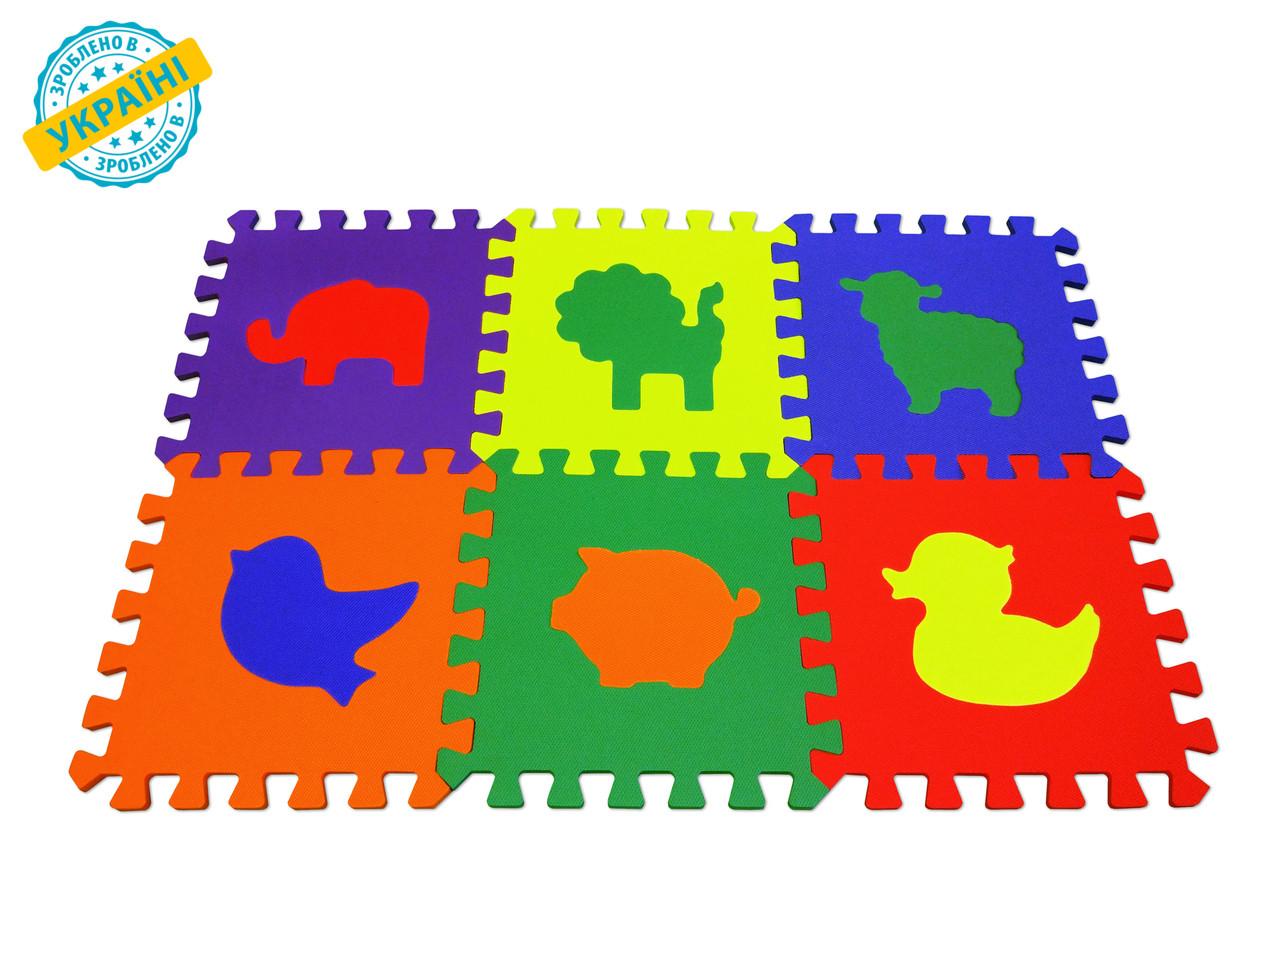 """Мягкий игровой пол (коврик-пазл 30*30*1 см) Eva-Line """"Зоопарк"""" разноцветный"""